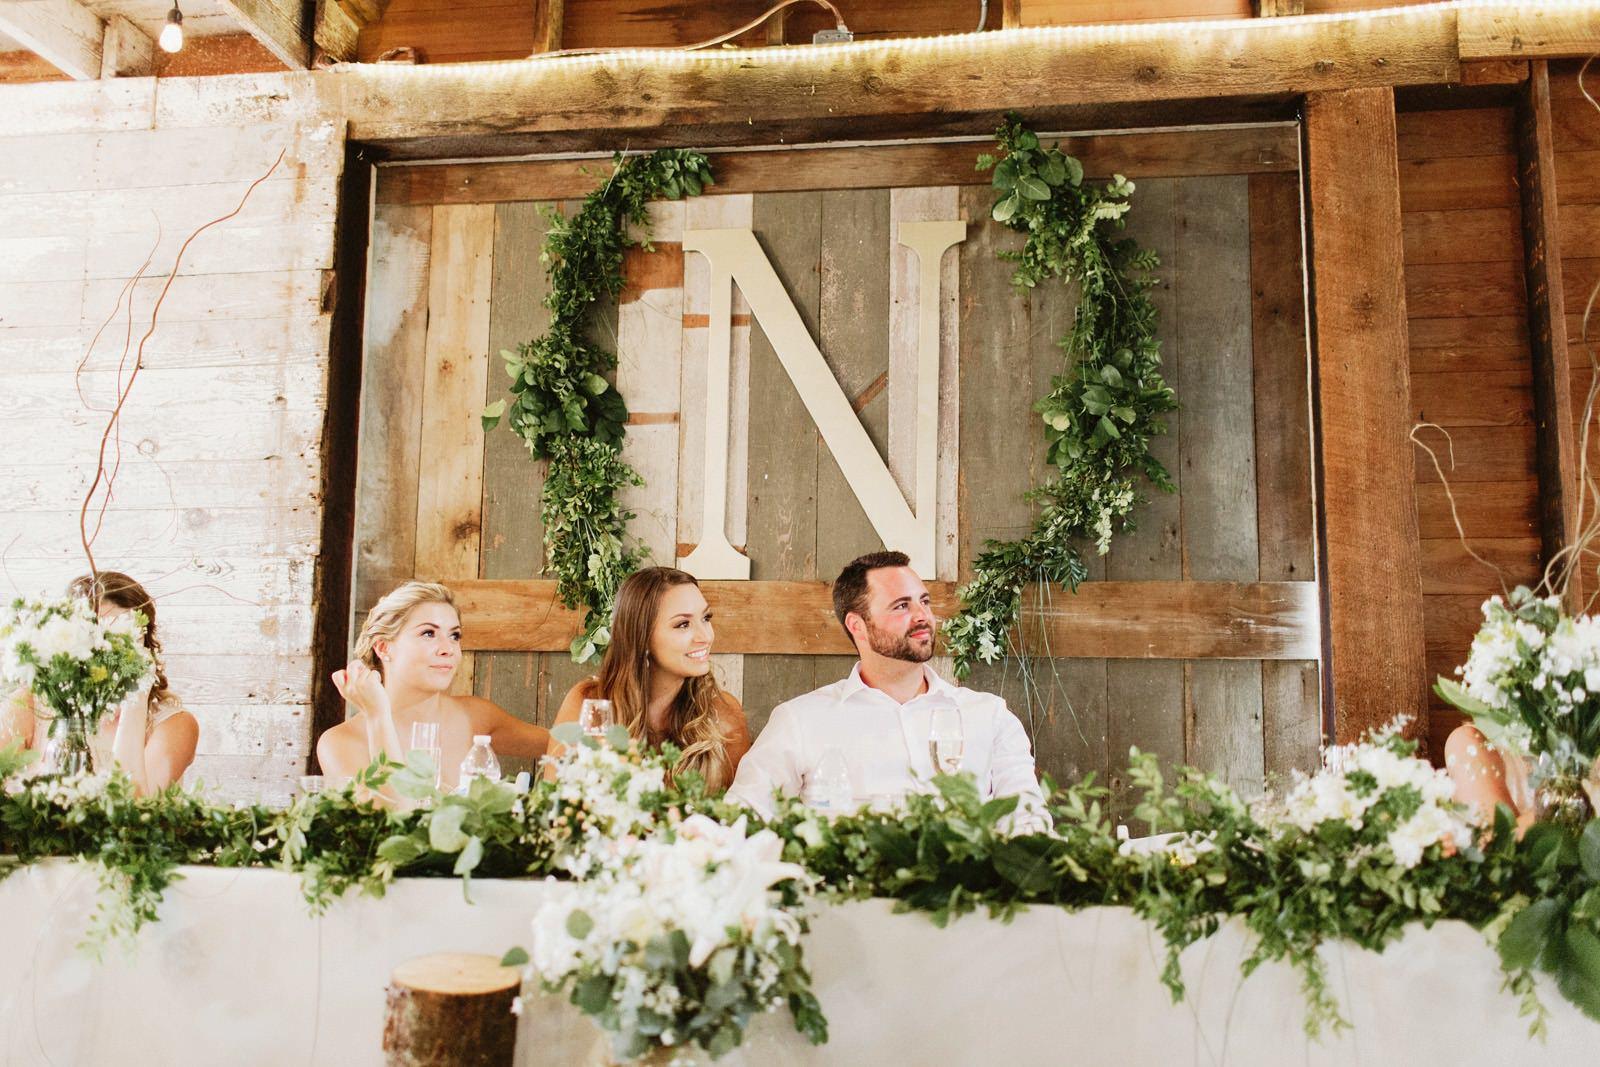 drewtiawna-blog-34 YELLOW BARN WEDDING